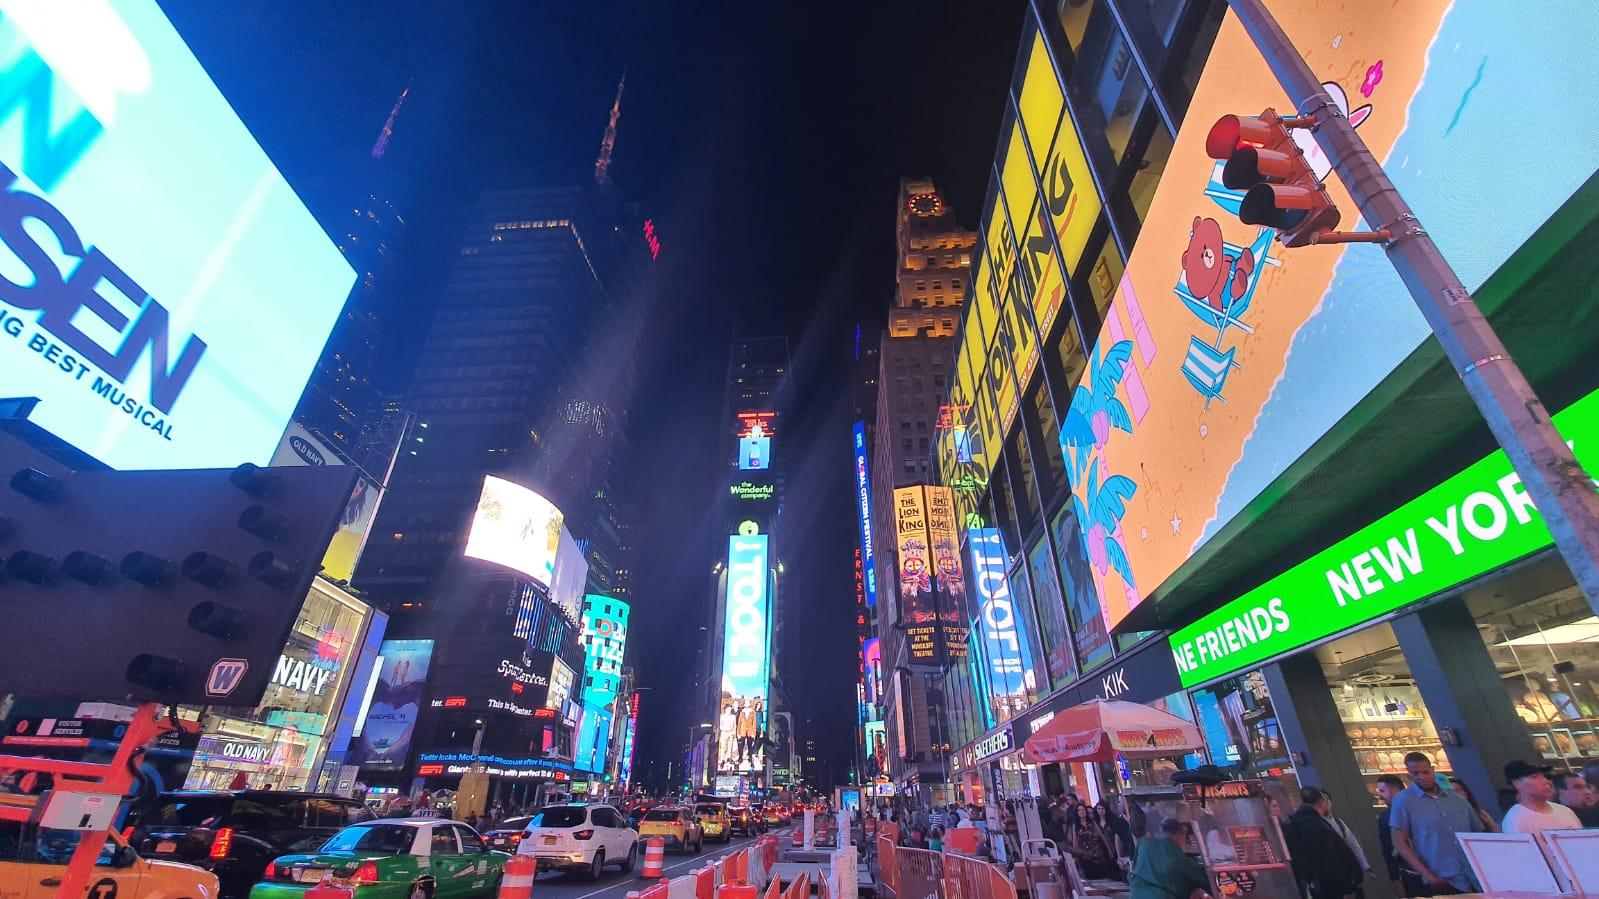 الصورة: هذه هي الطريقة التي تلتقط بها سامسونج الجديدة الصور Galaxy Note10 +! + الصور الليلية والفيديو 25